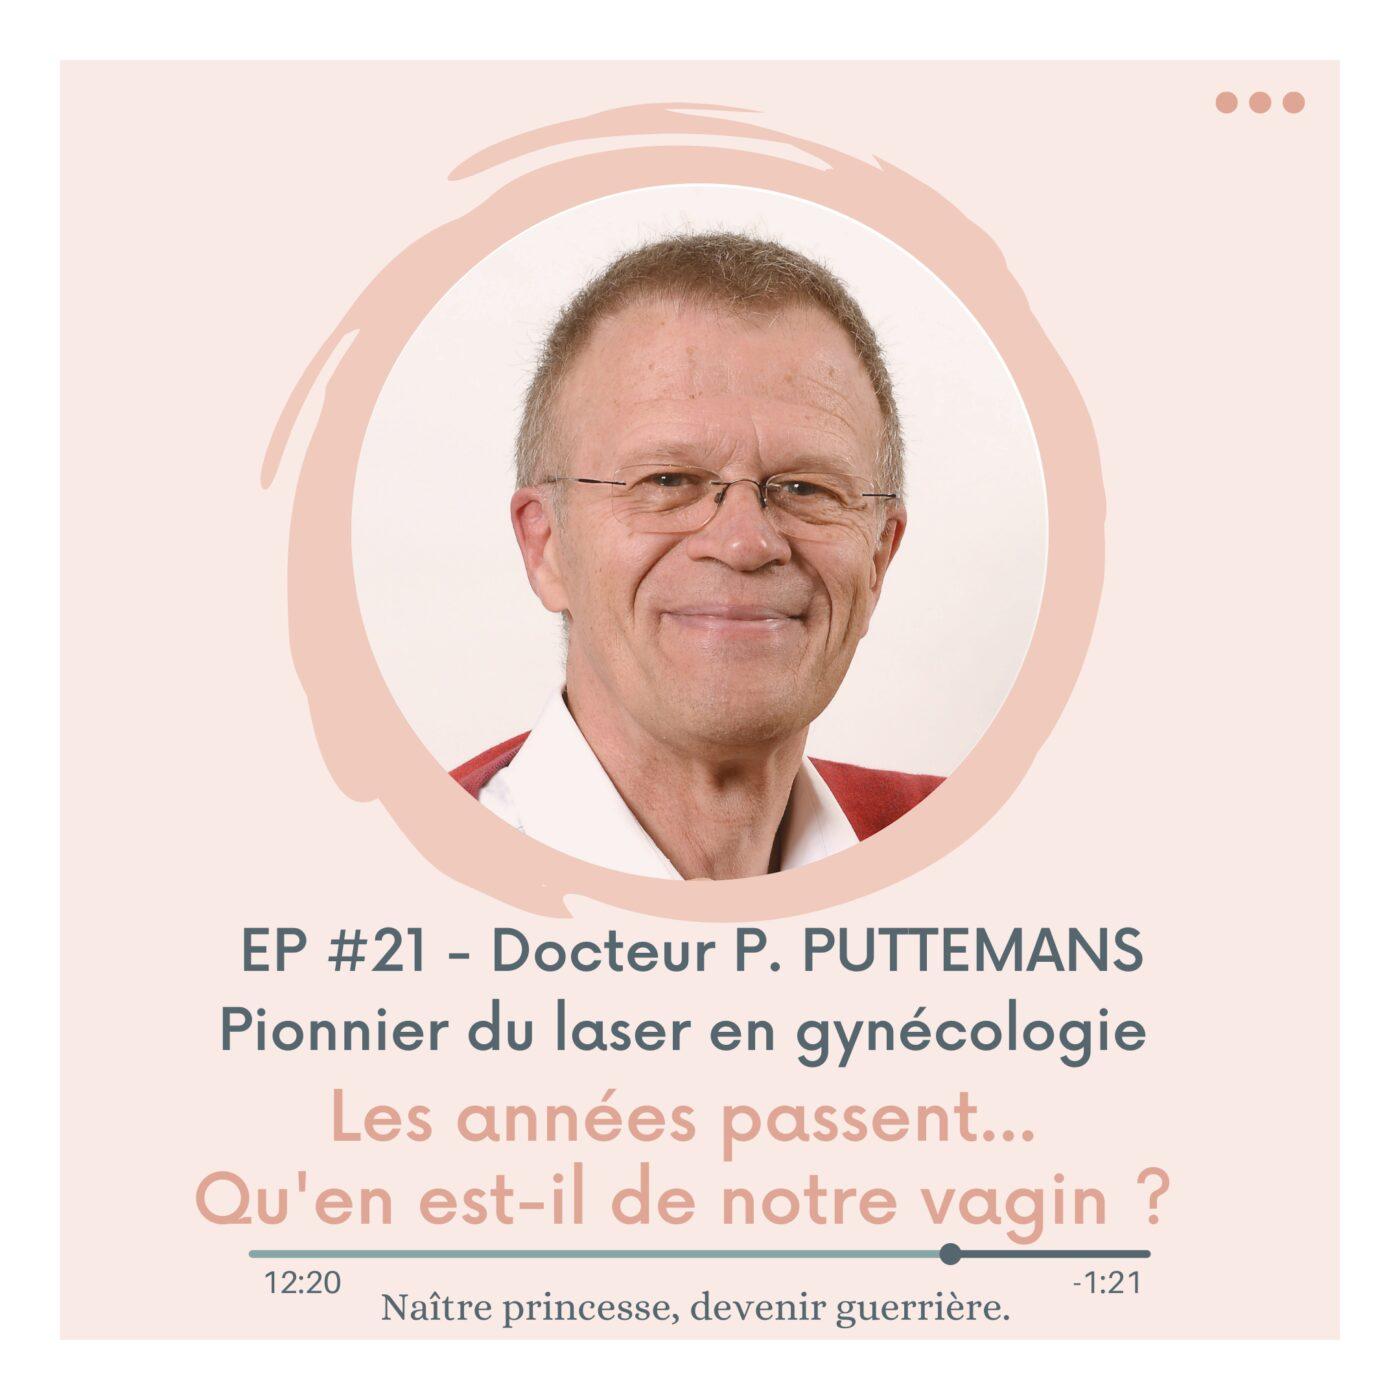 EP#21 - LES ANNÉES PASSENT... QU'EN EST-IL DE NOTRE VAGIN ? Docteur Puttemans, gynécologue.